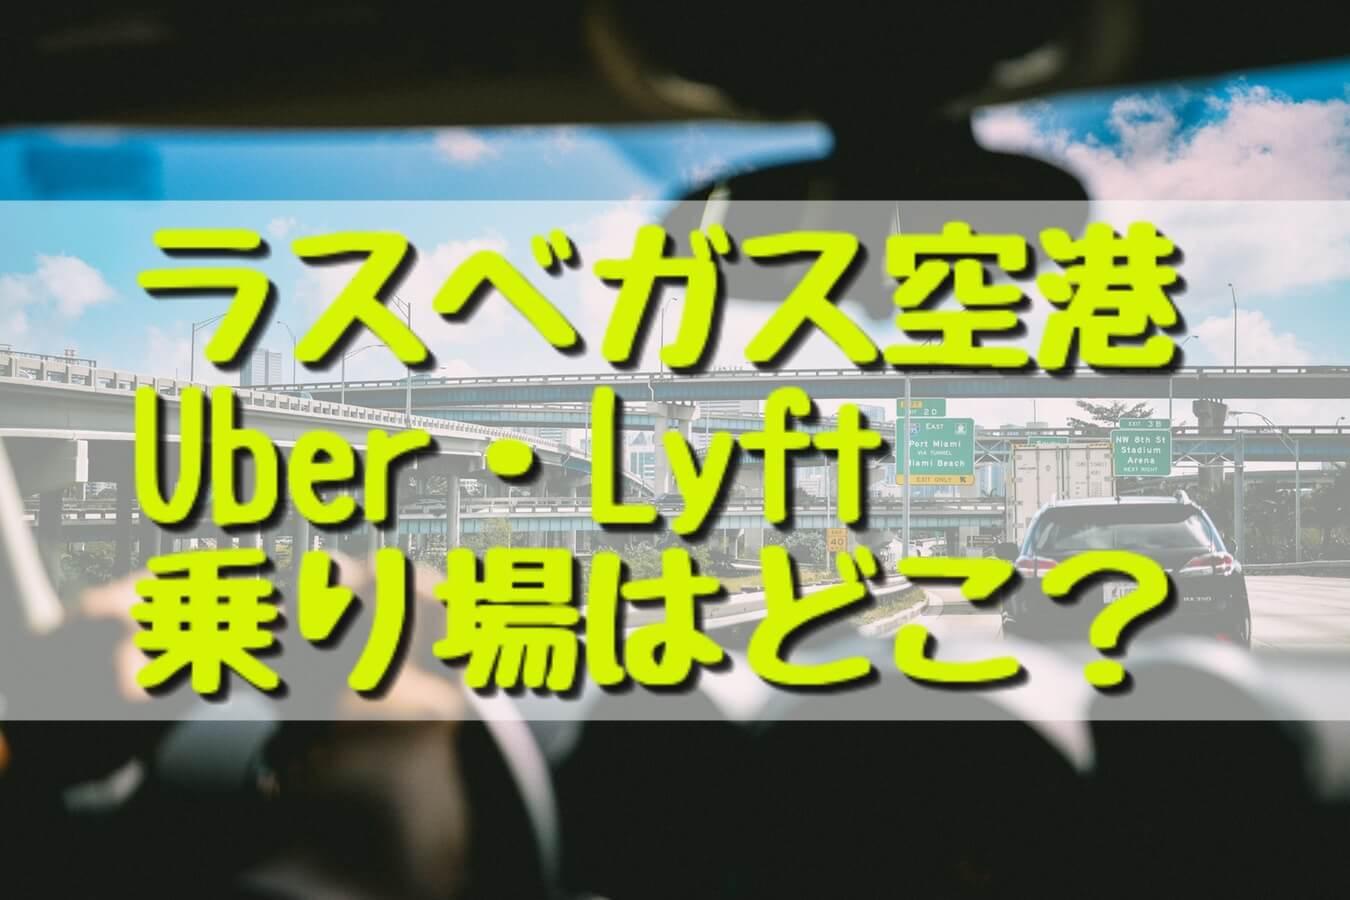 【ラスベガス空港】Uber(ウーバー)乗り場を紹介